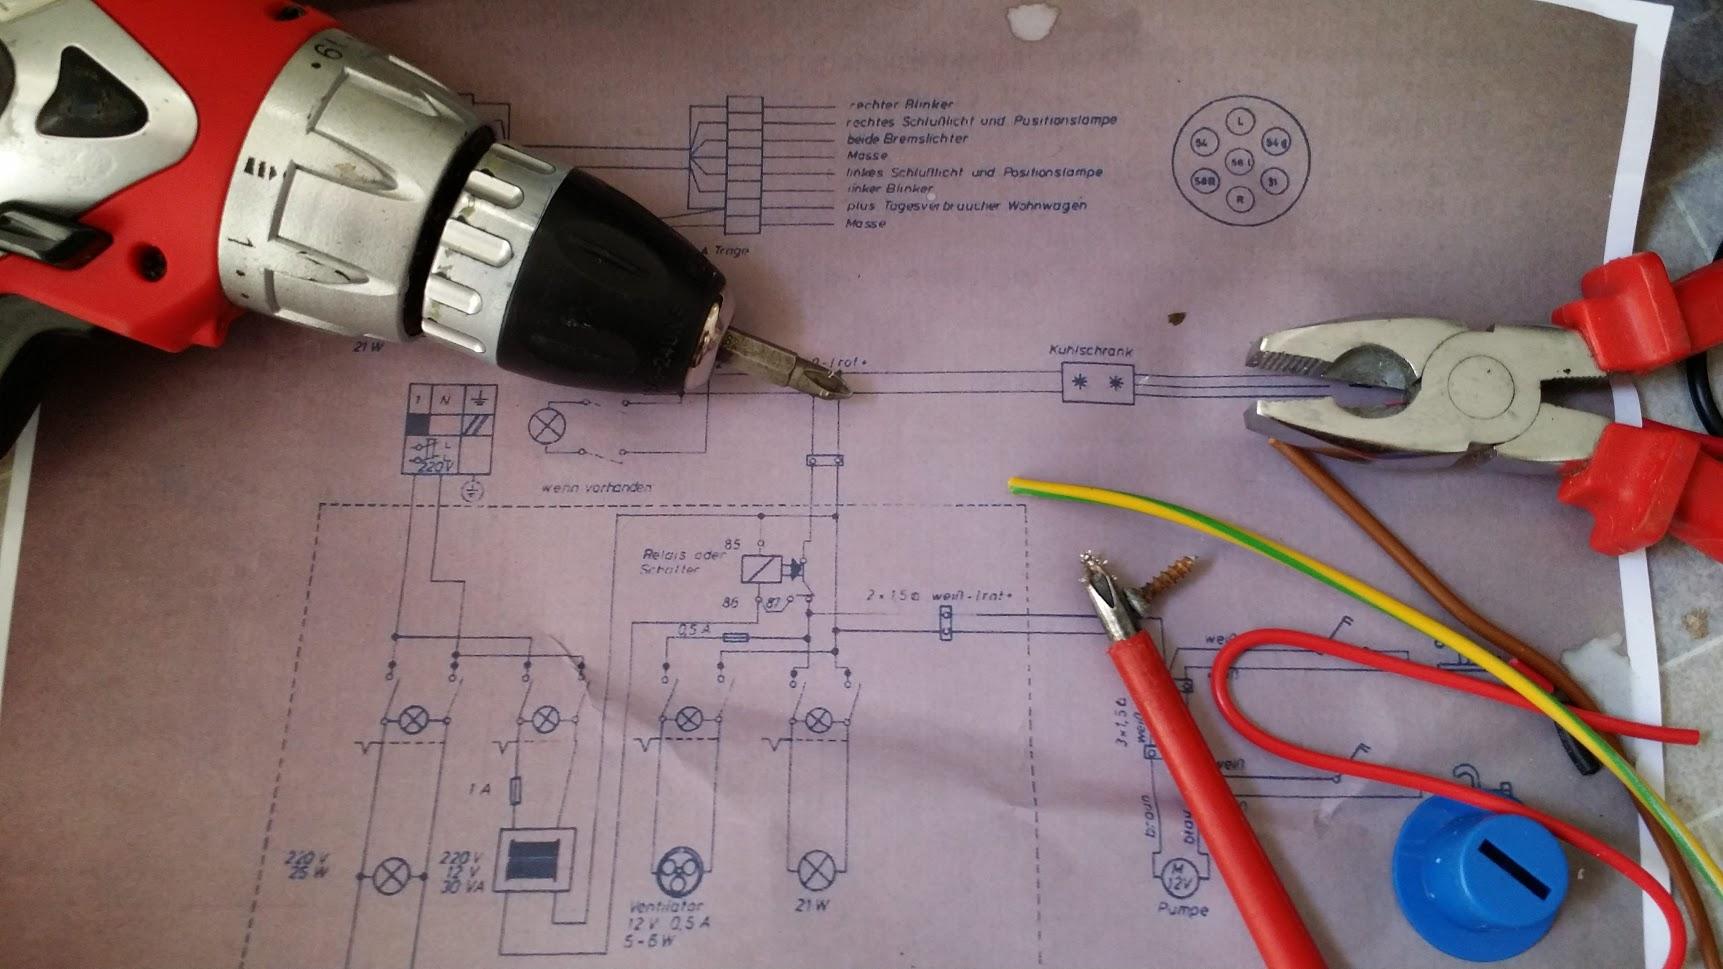 Schaltplan mit Werkzeug